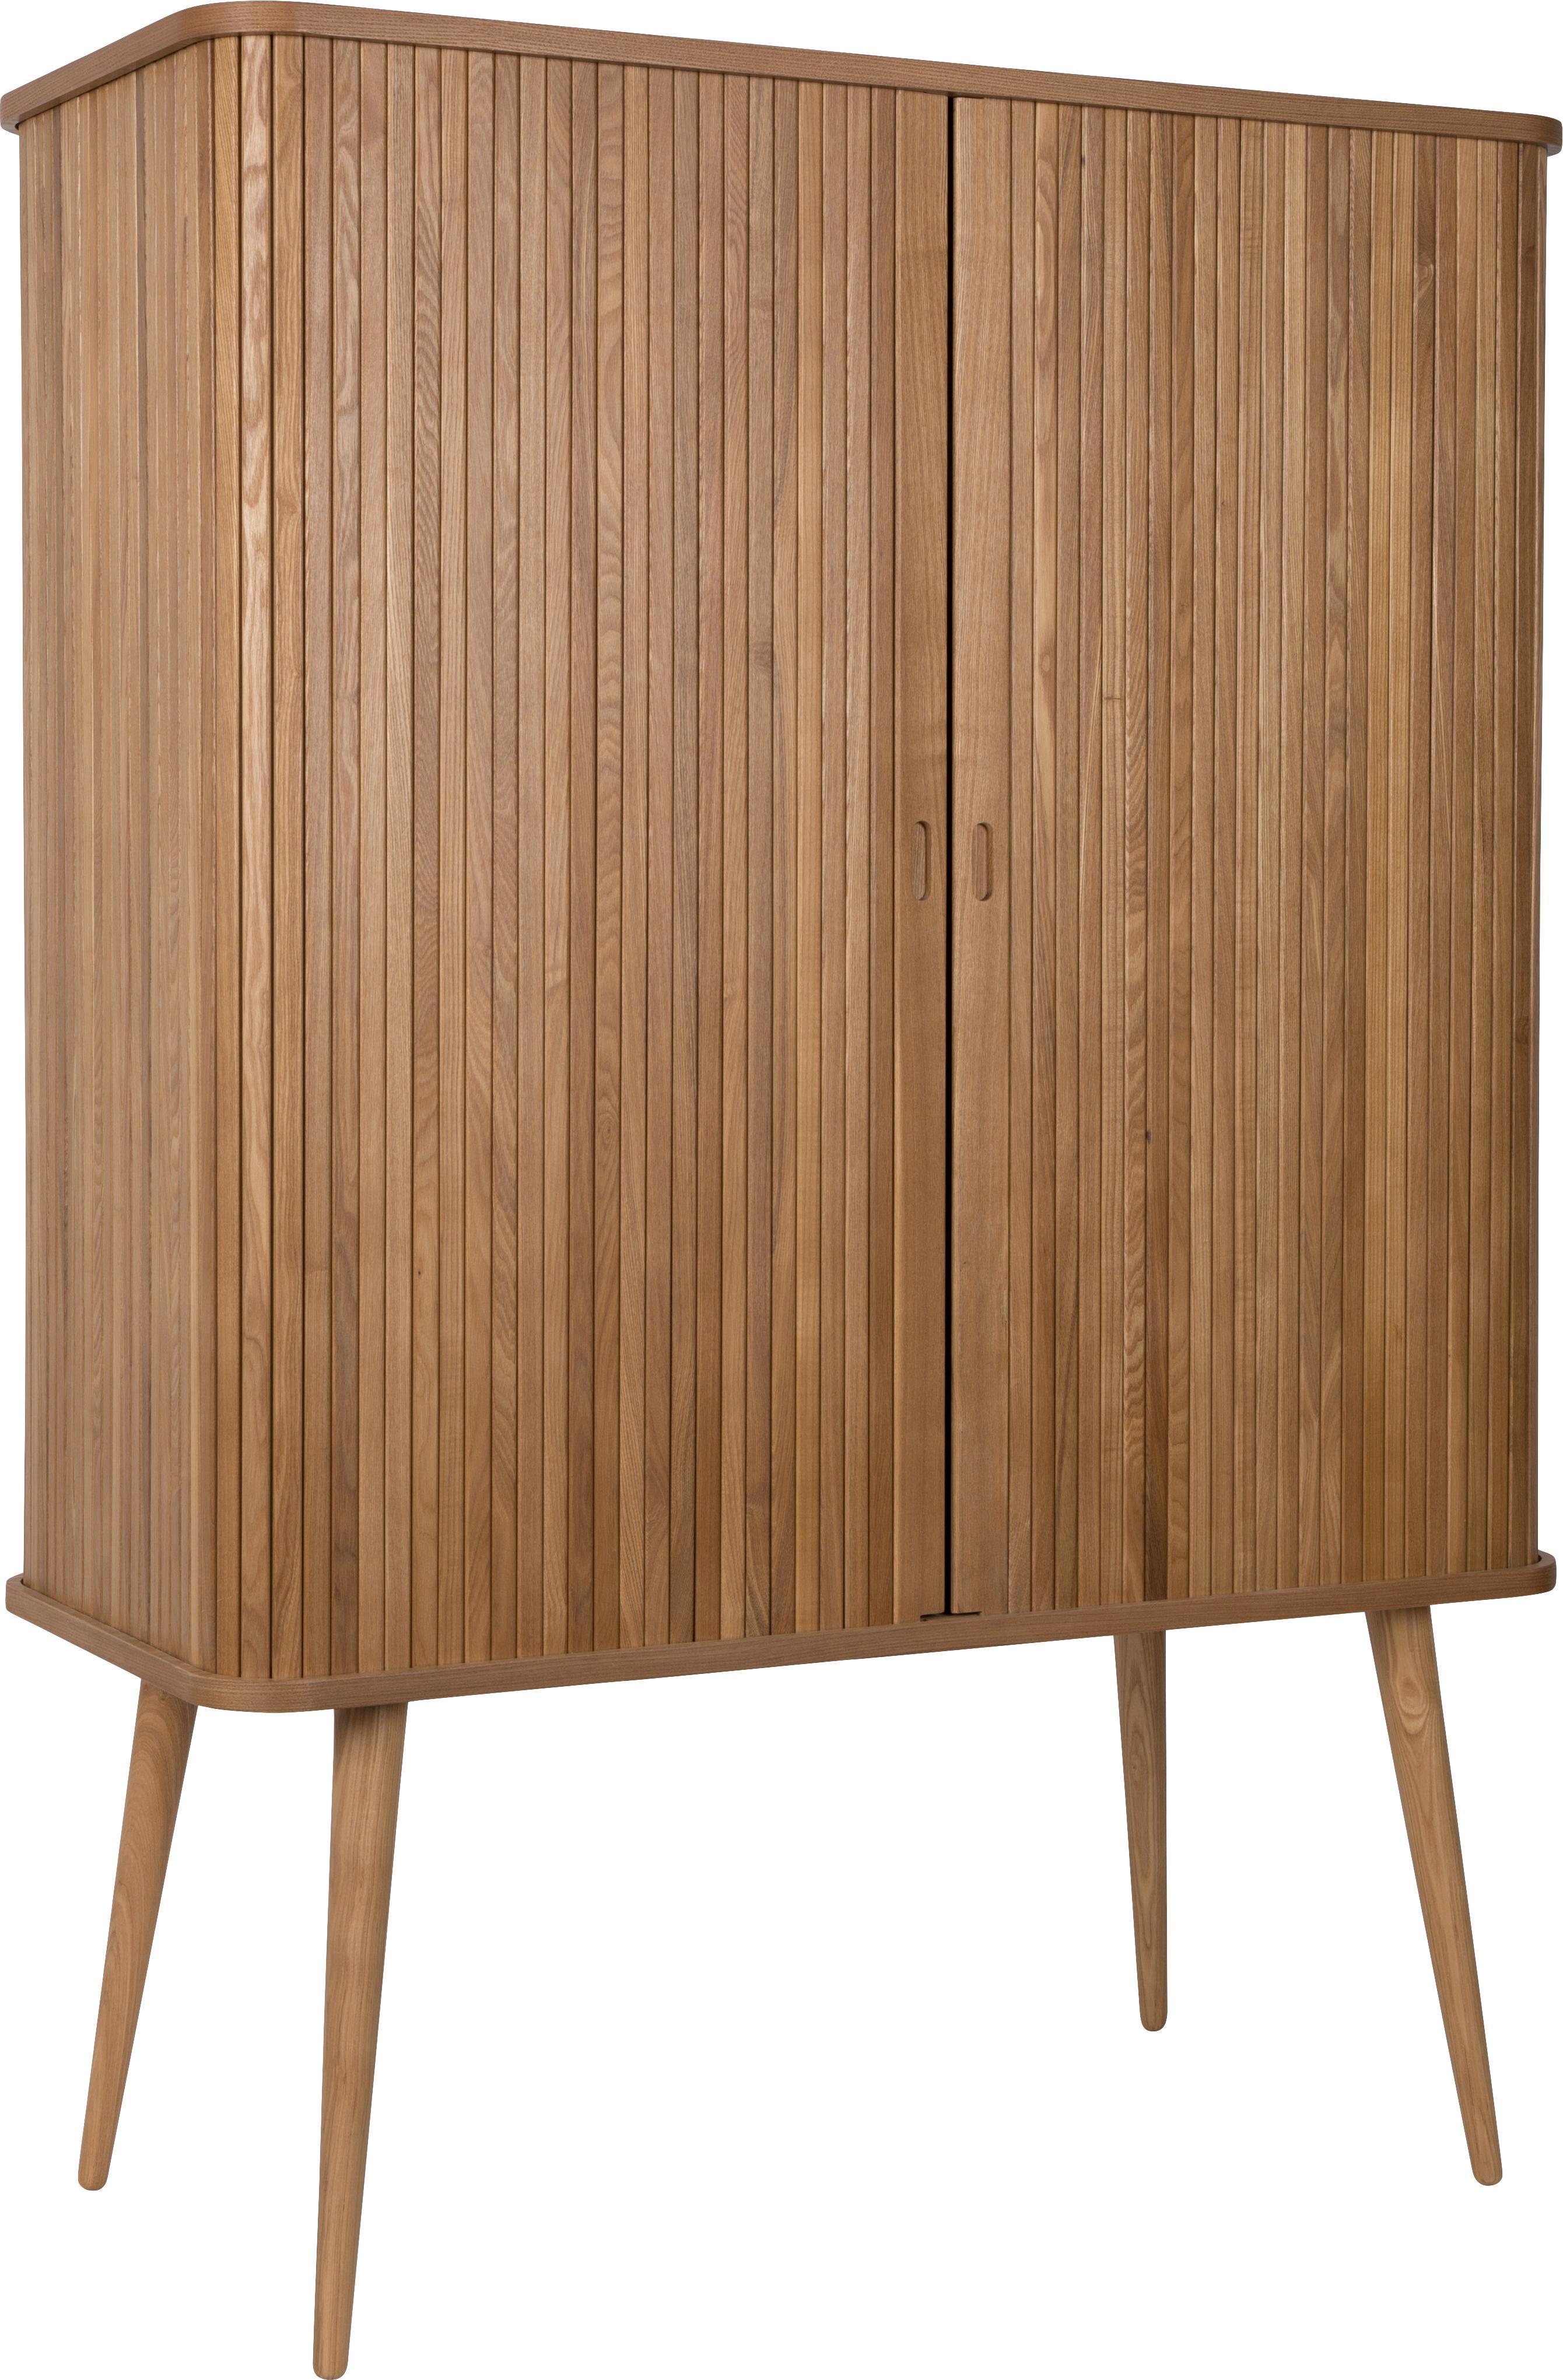 Chiffonnier Barbier, estilo retro, Estructura: tablero de fibras de dens, Estantes: vidrio, Fresno, marrón, An 100 x Al 140 cm